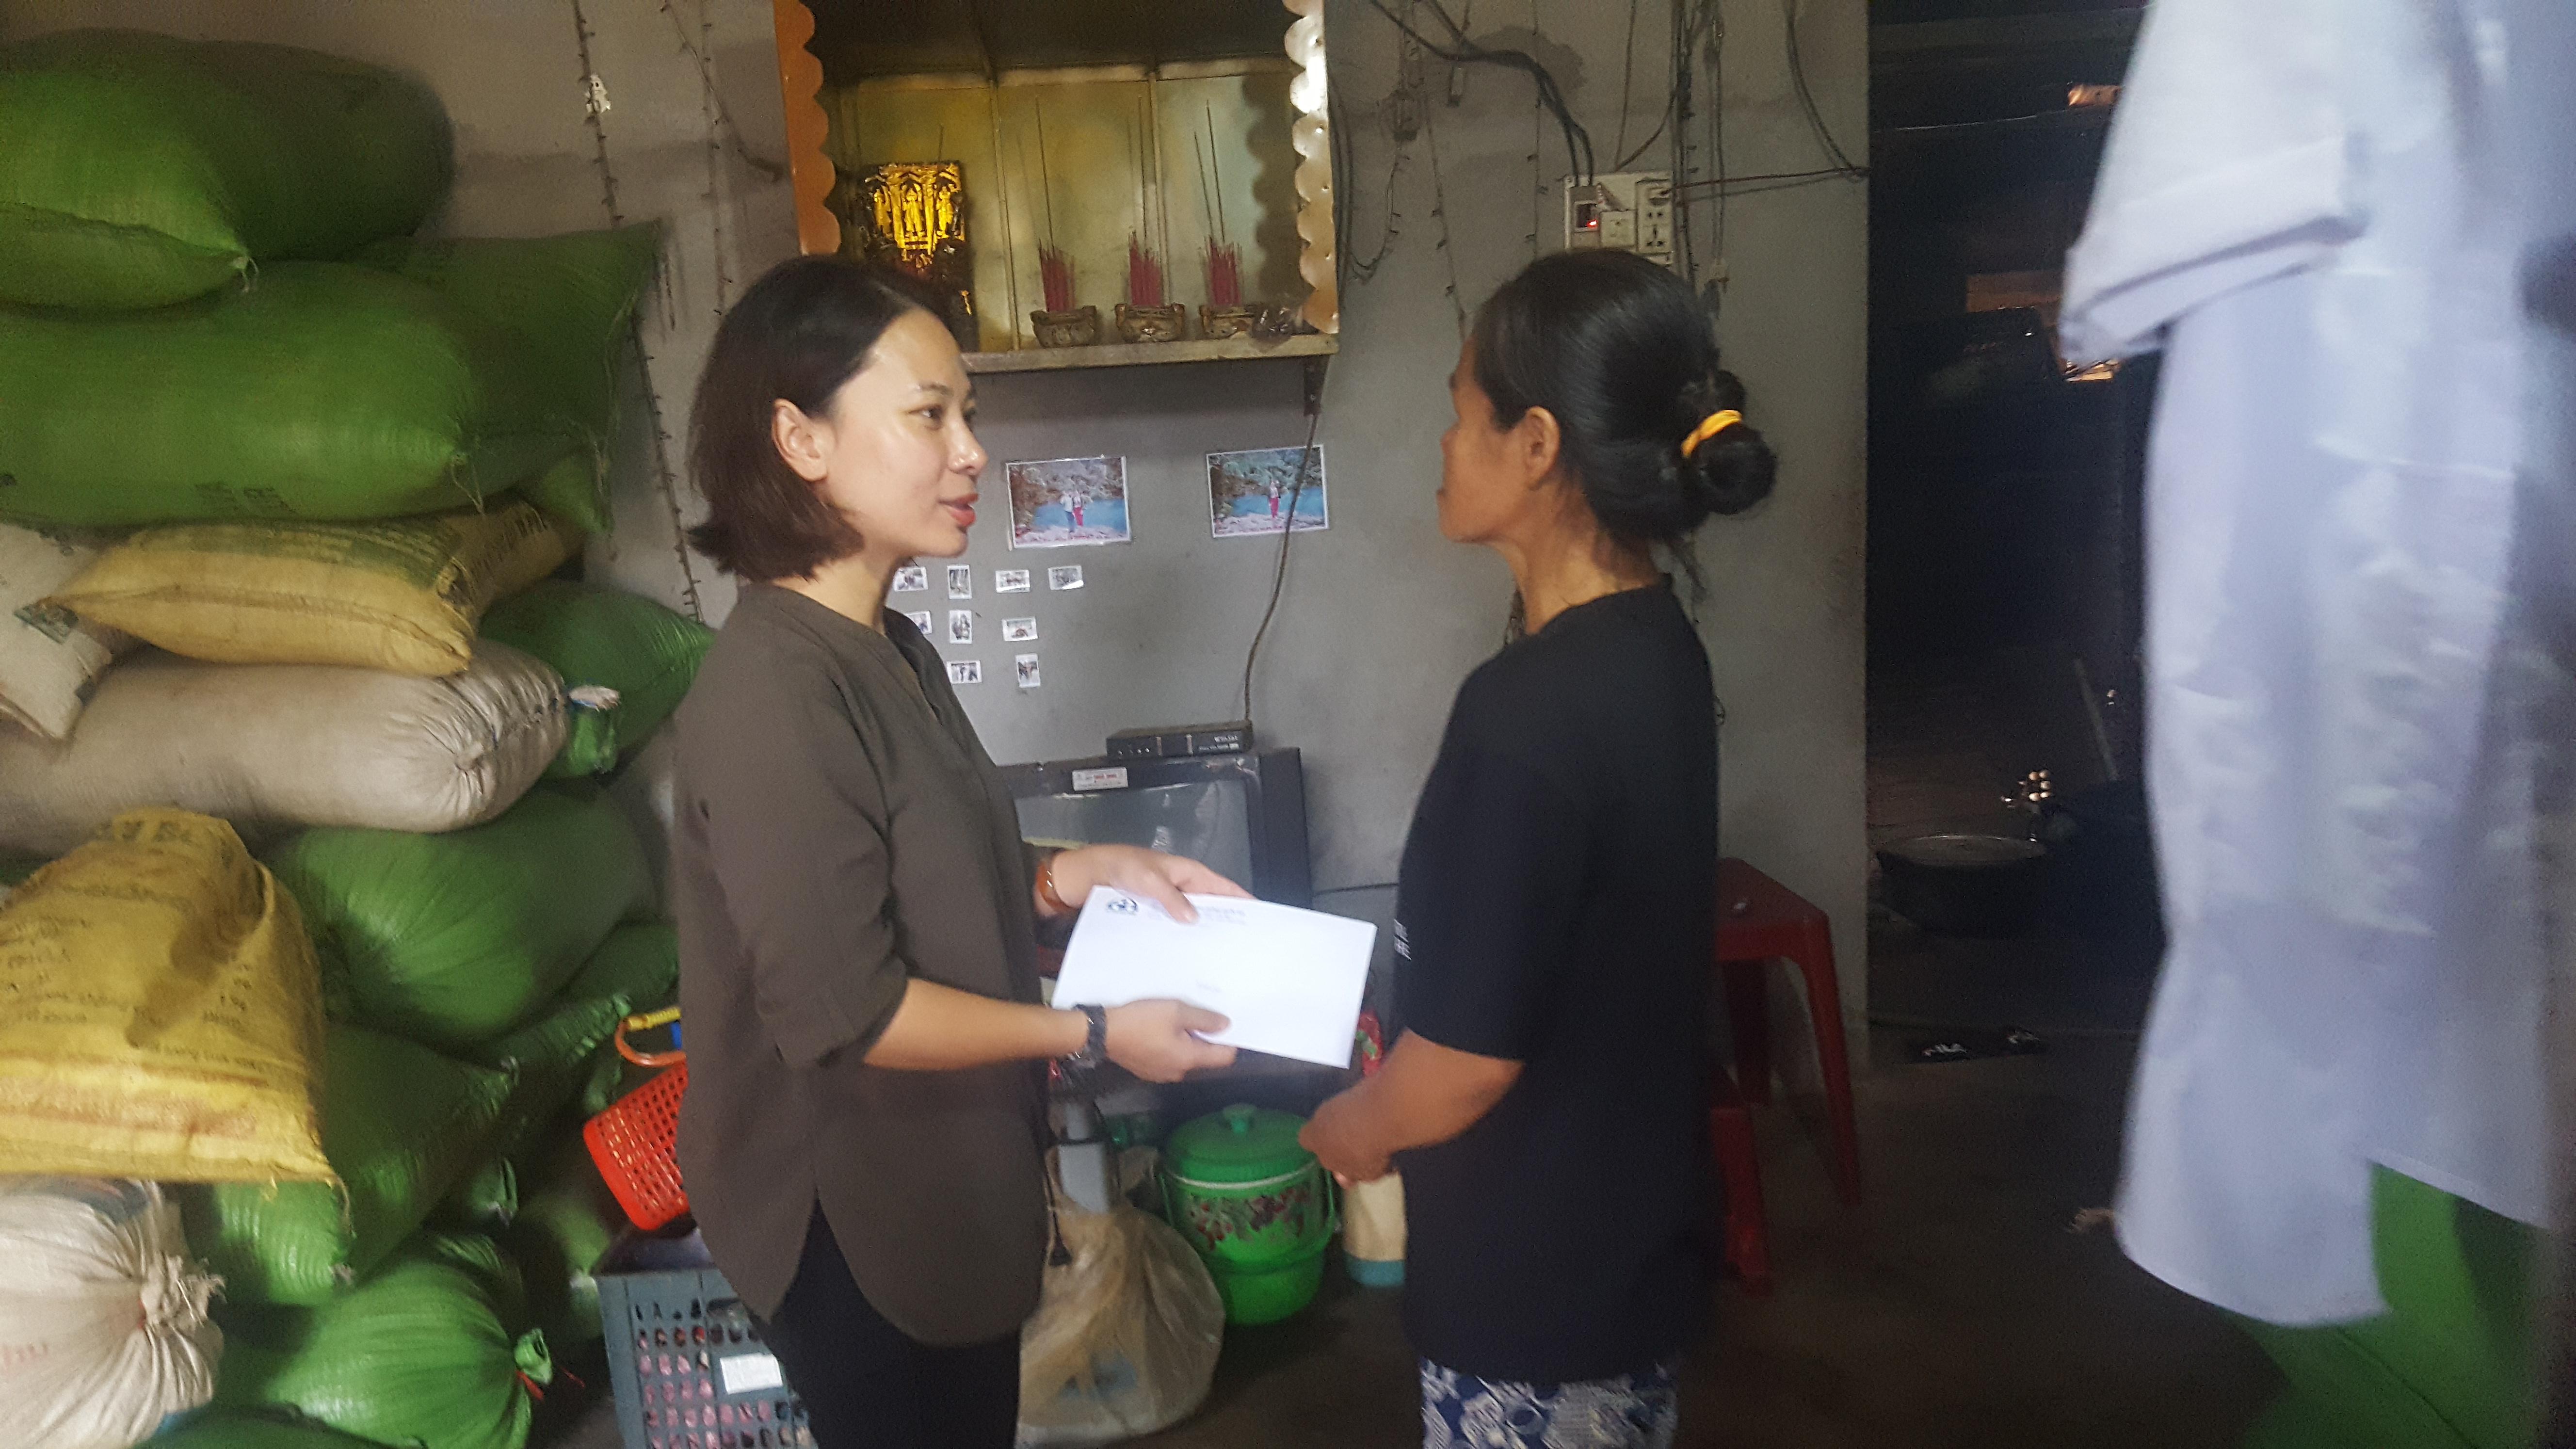 Ban an toàn giao thông Quốc gia hỗ trợ tiền cho gia đình 5 nạn nhân tai  nạn giao thông có hoàn cảnh đặc biệt khó khăn ở huyện Ea H'leo